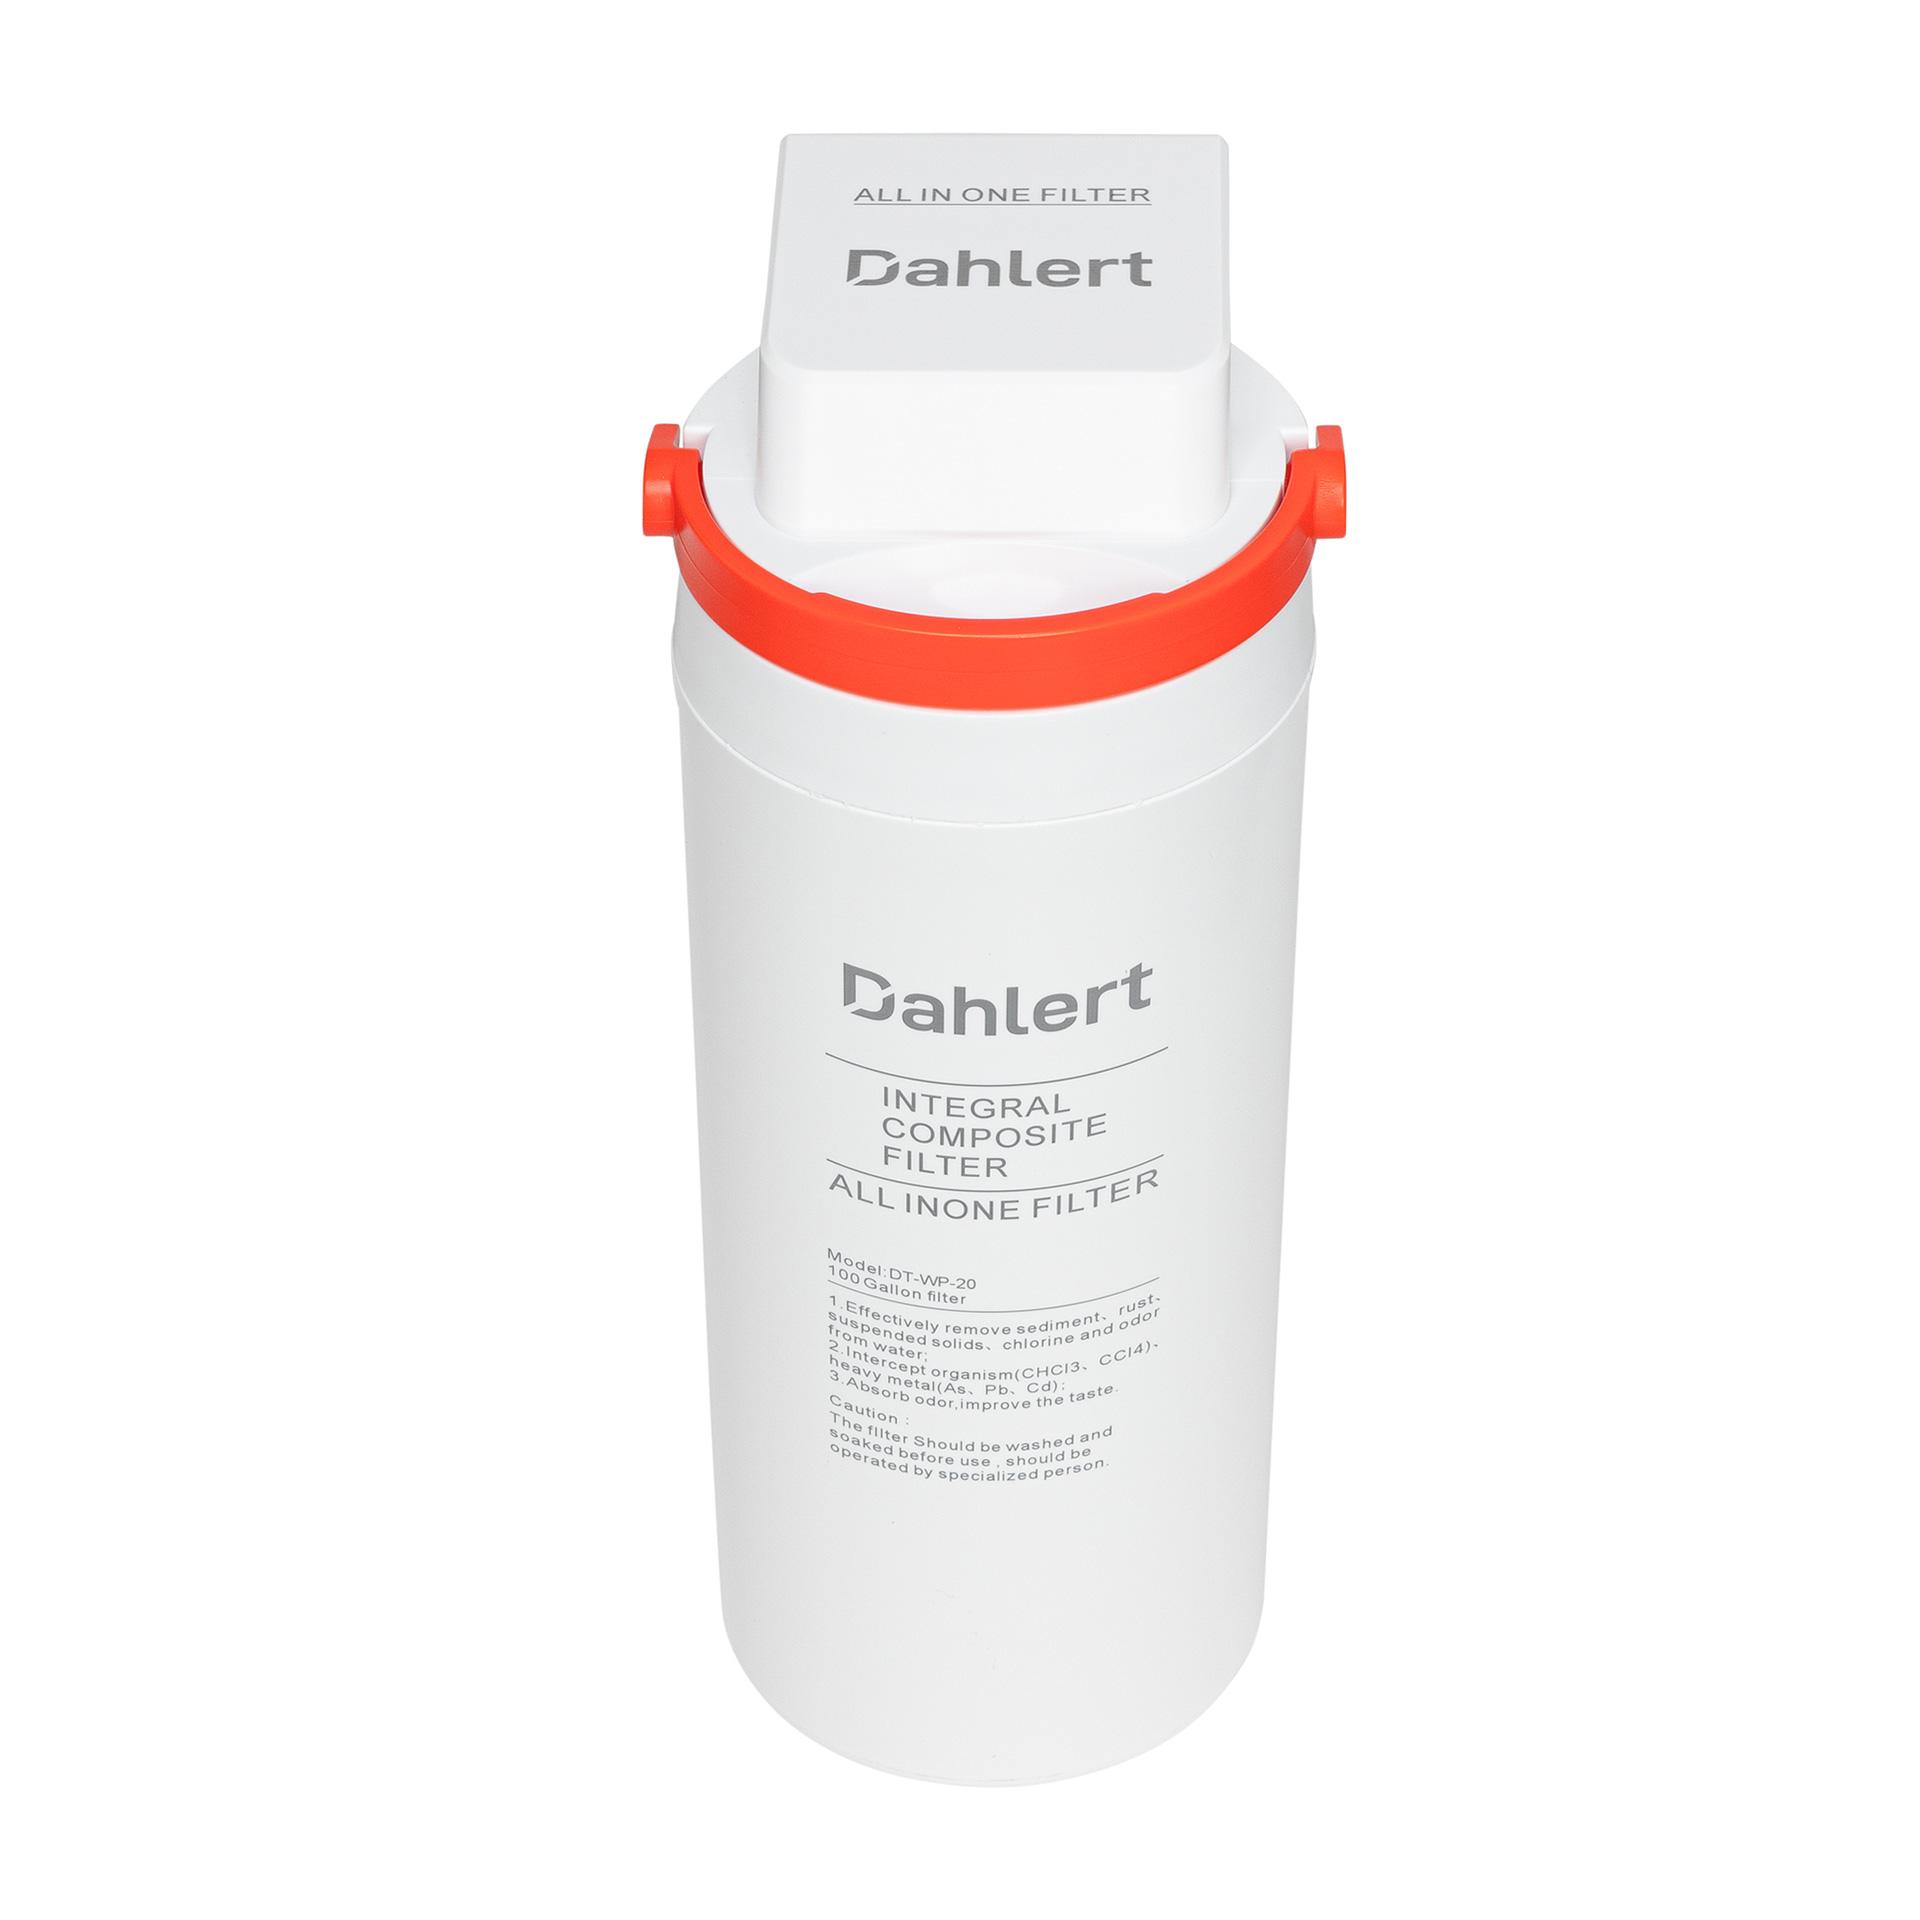 Dahlert DT-Wf-20 Ersatzkartusche für Wasserfilter